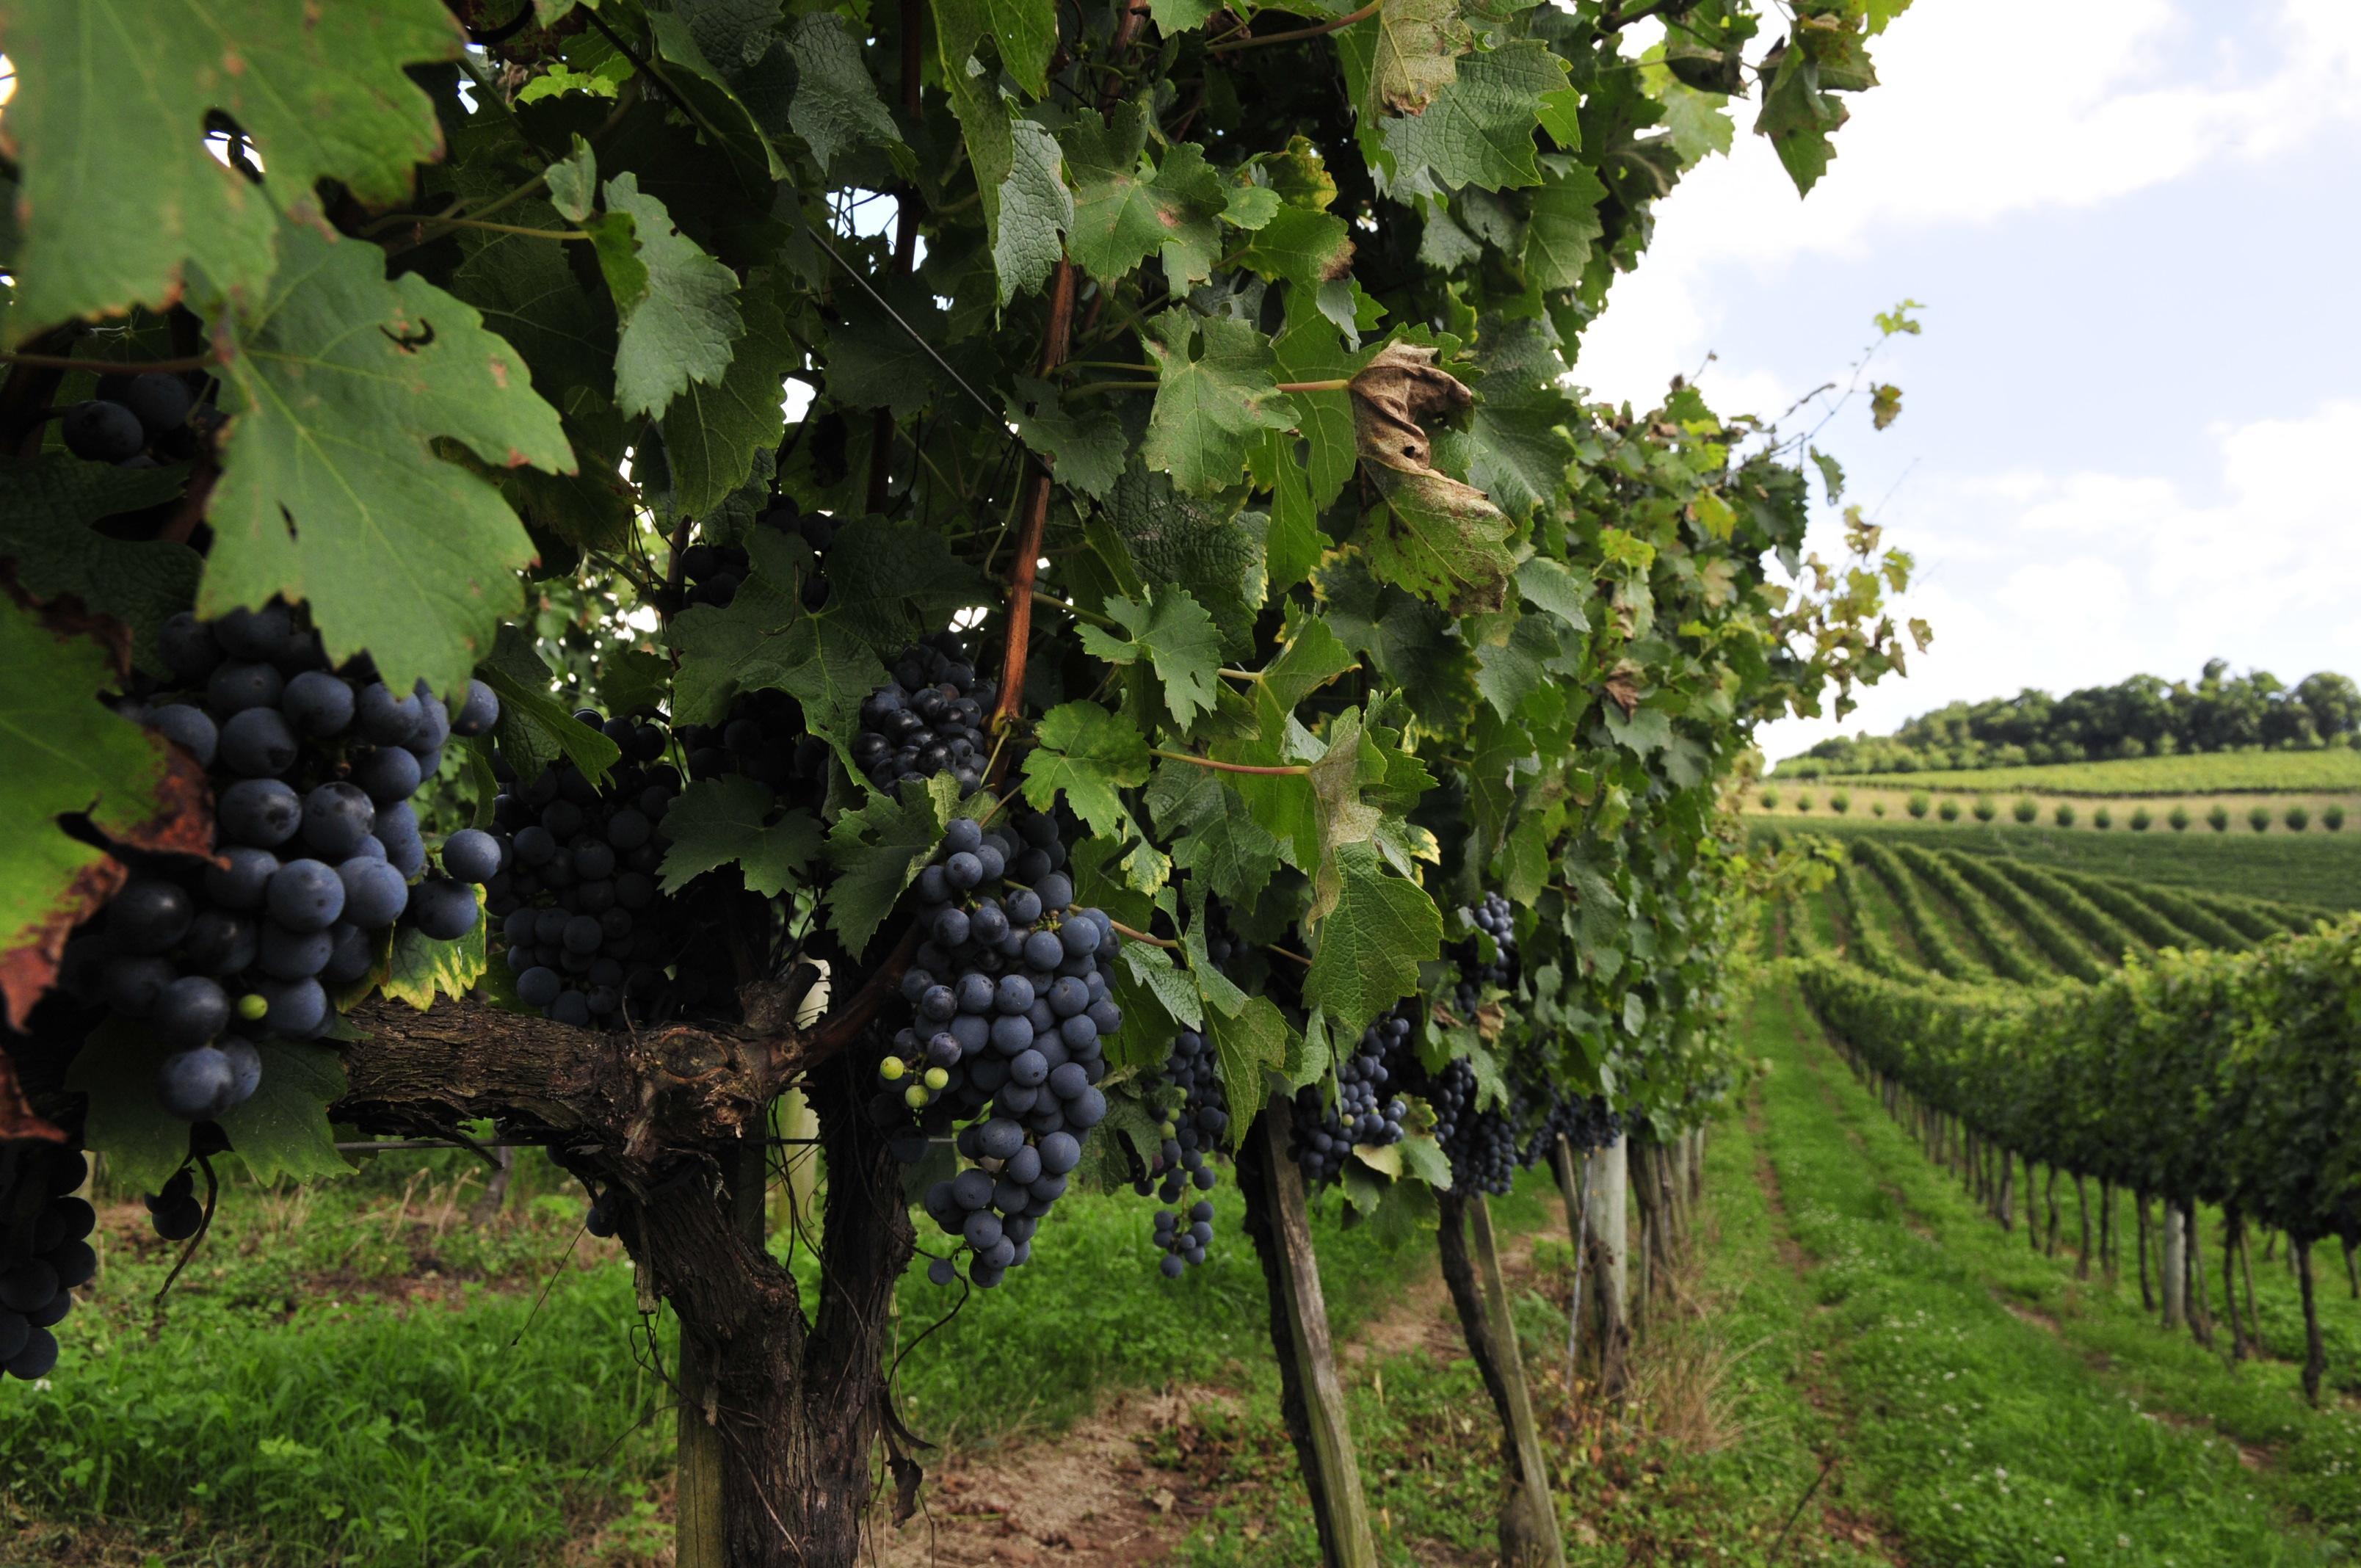 Agropecuária -> plantações -> uva, vinho, Vale dos Vinhedos